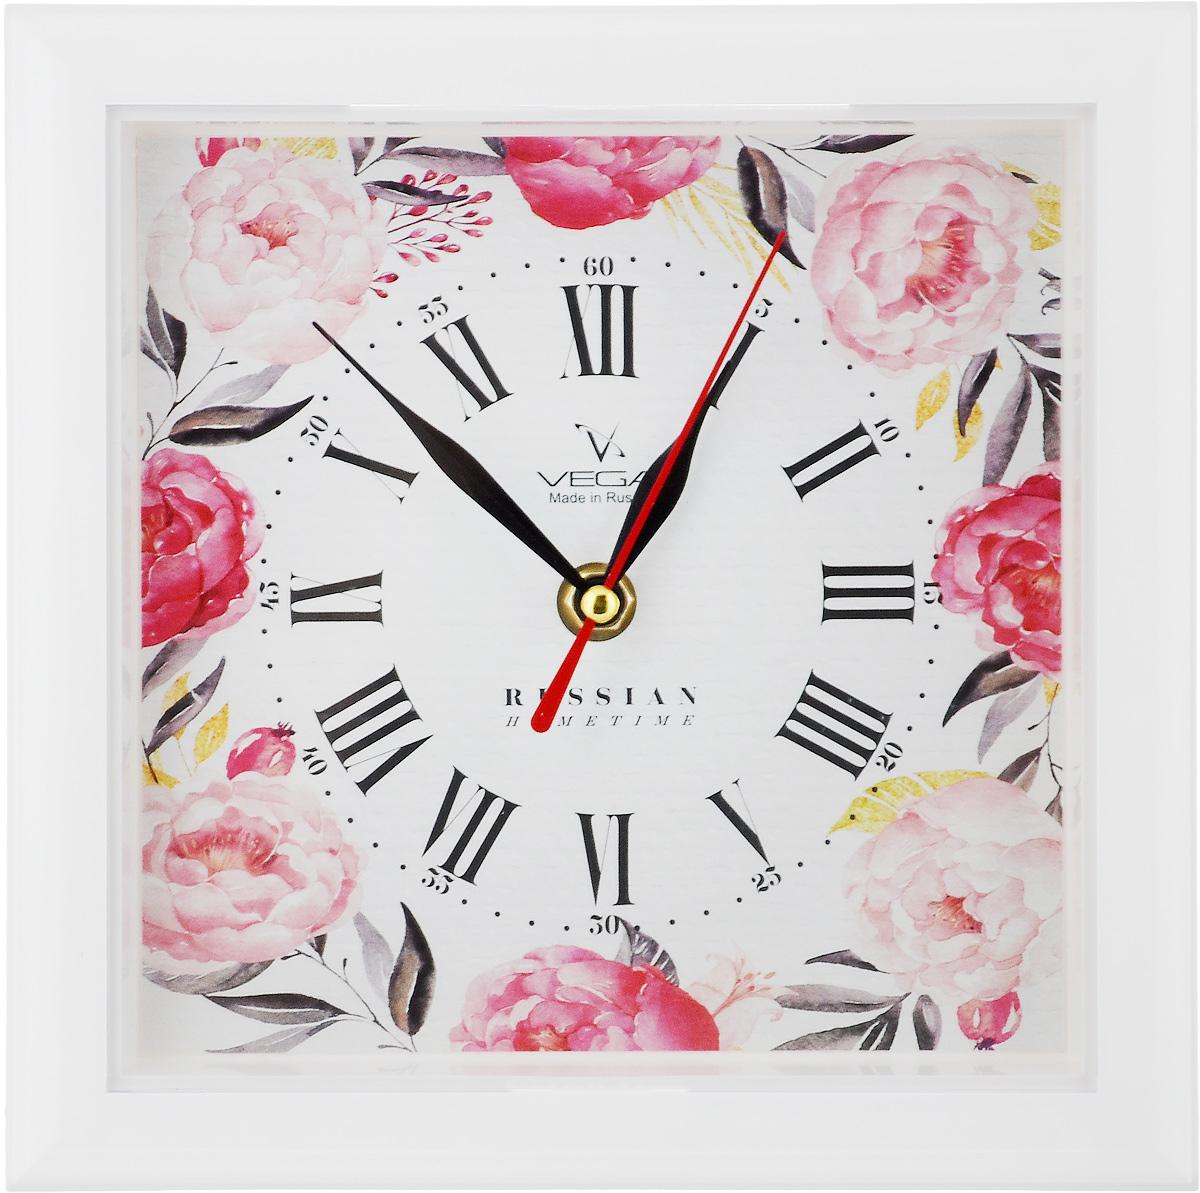 Часы настенные Вега Пионы, 20,6 х 20,6 х 4 см94672Настенные кварцевые часы Вега Пионы в классическом дизайне, изготовленные из пластика, прекрасно впишутся в интерьер вашего дома. Квадратные часы имеют три стрелки: часовую, минутную и секундную, циферблат защищен прозрачным пластиком. Часы работают от 1 батарейки типа АА напряжением 1,5 В (не входит в комплект).